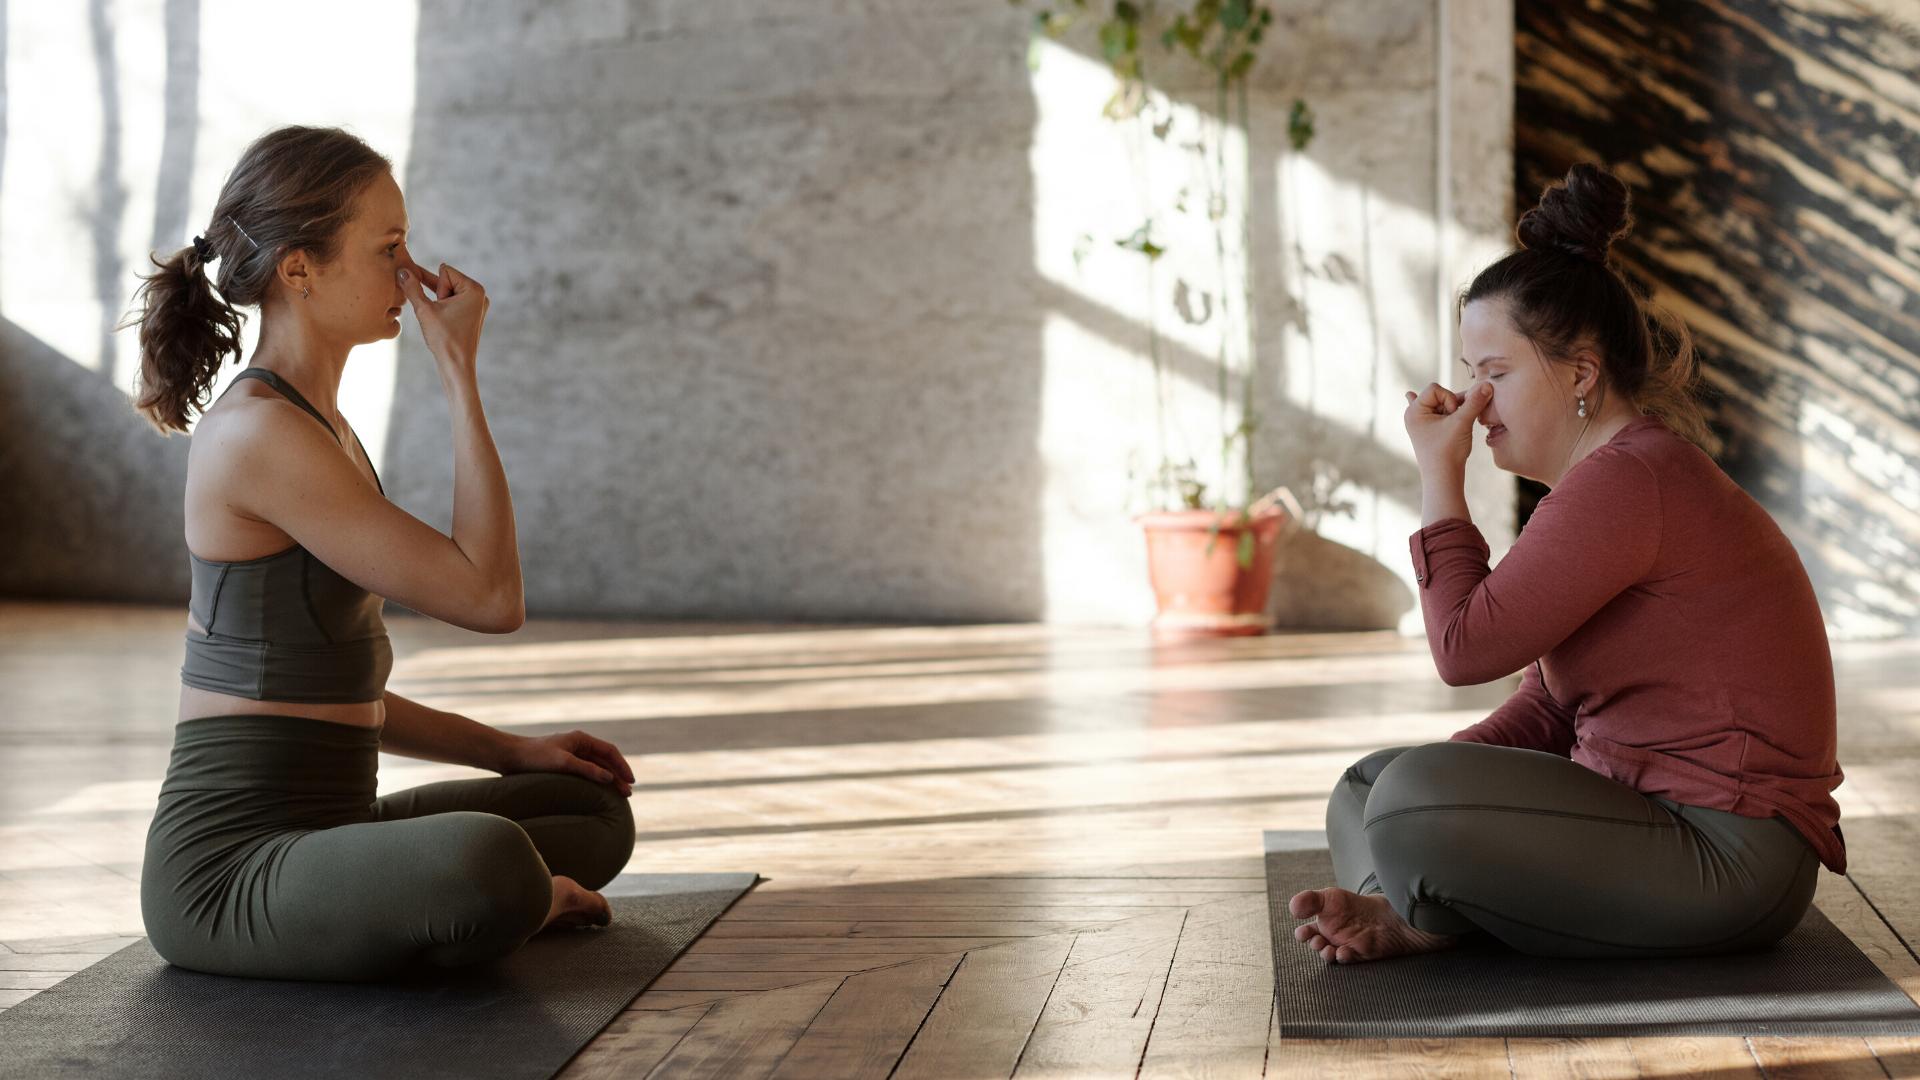 Yoga teacher with student